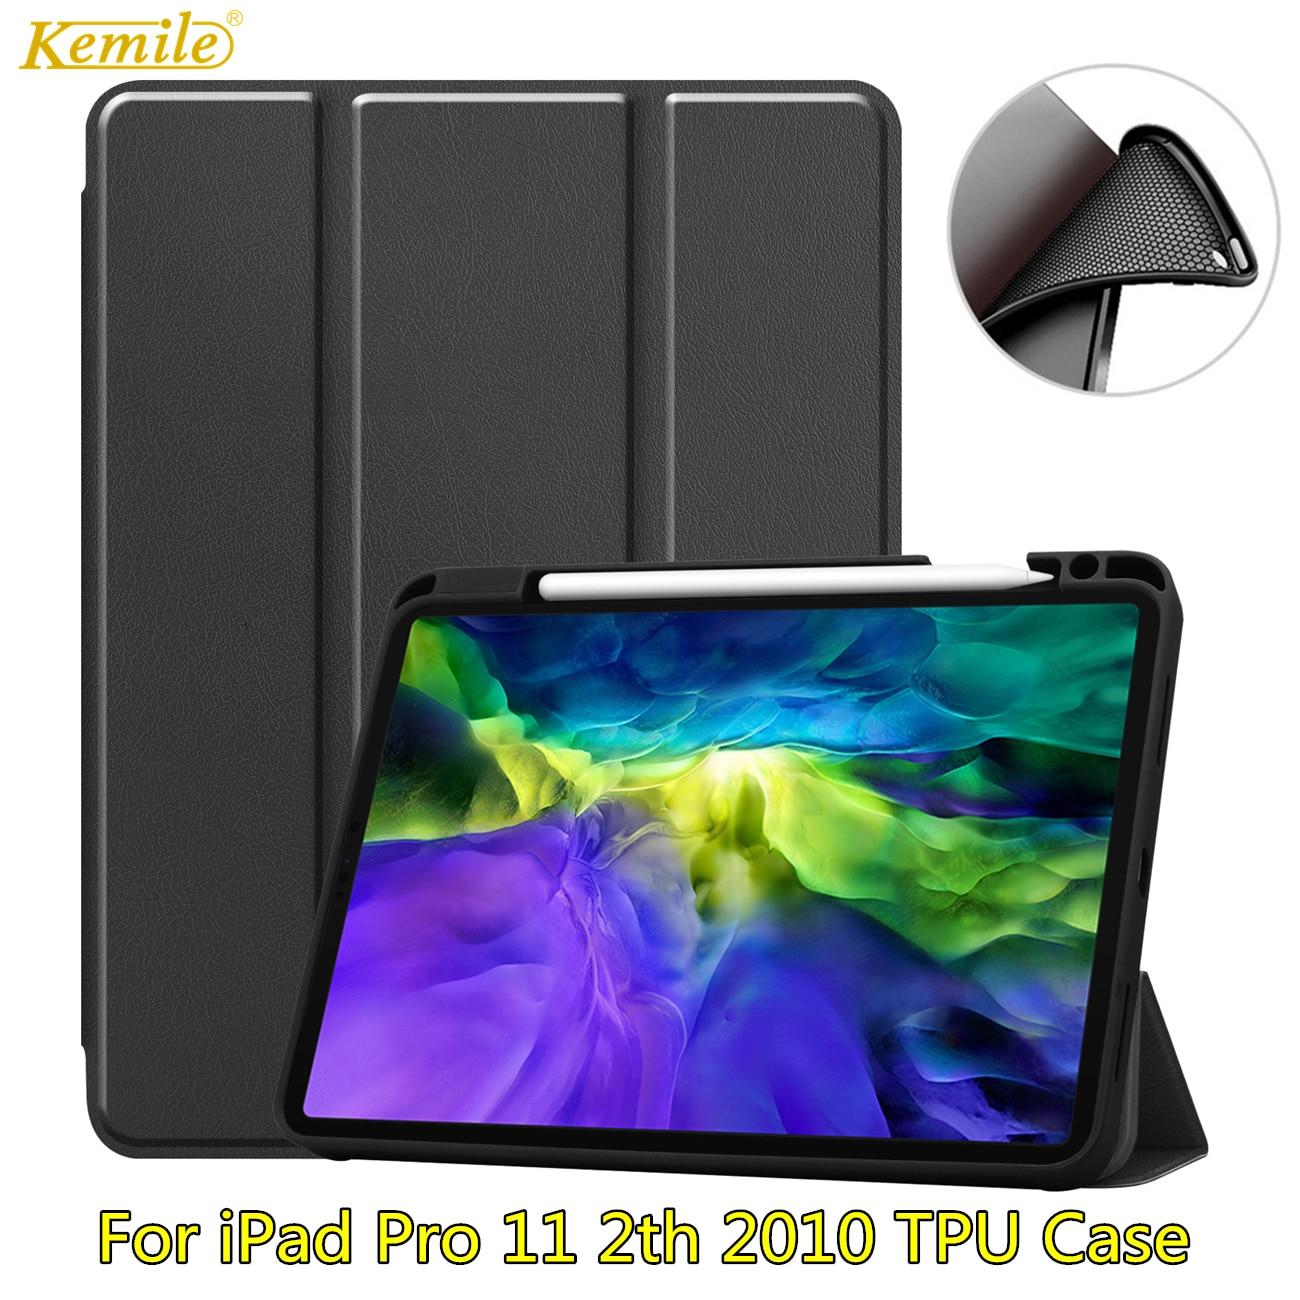 Étui en cuir Ultra mince avec porte-crayon pour iPad Pro 11 2020, coque intelligente à triple pli, léger, pour iPad Pro 11 2e 2020